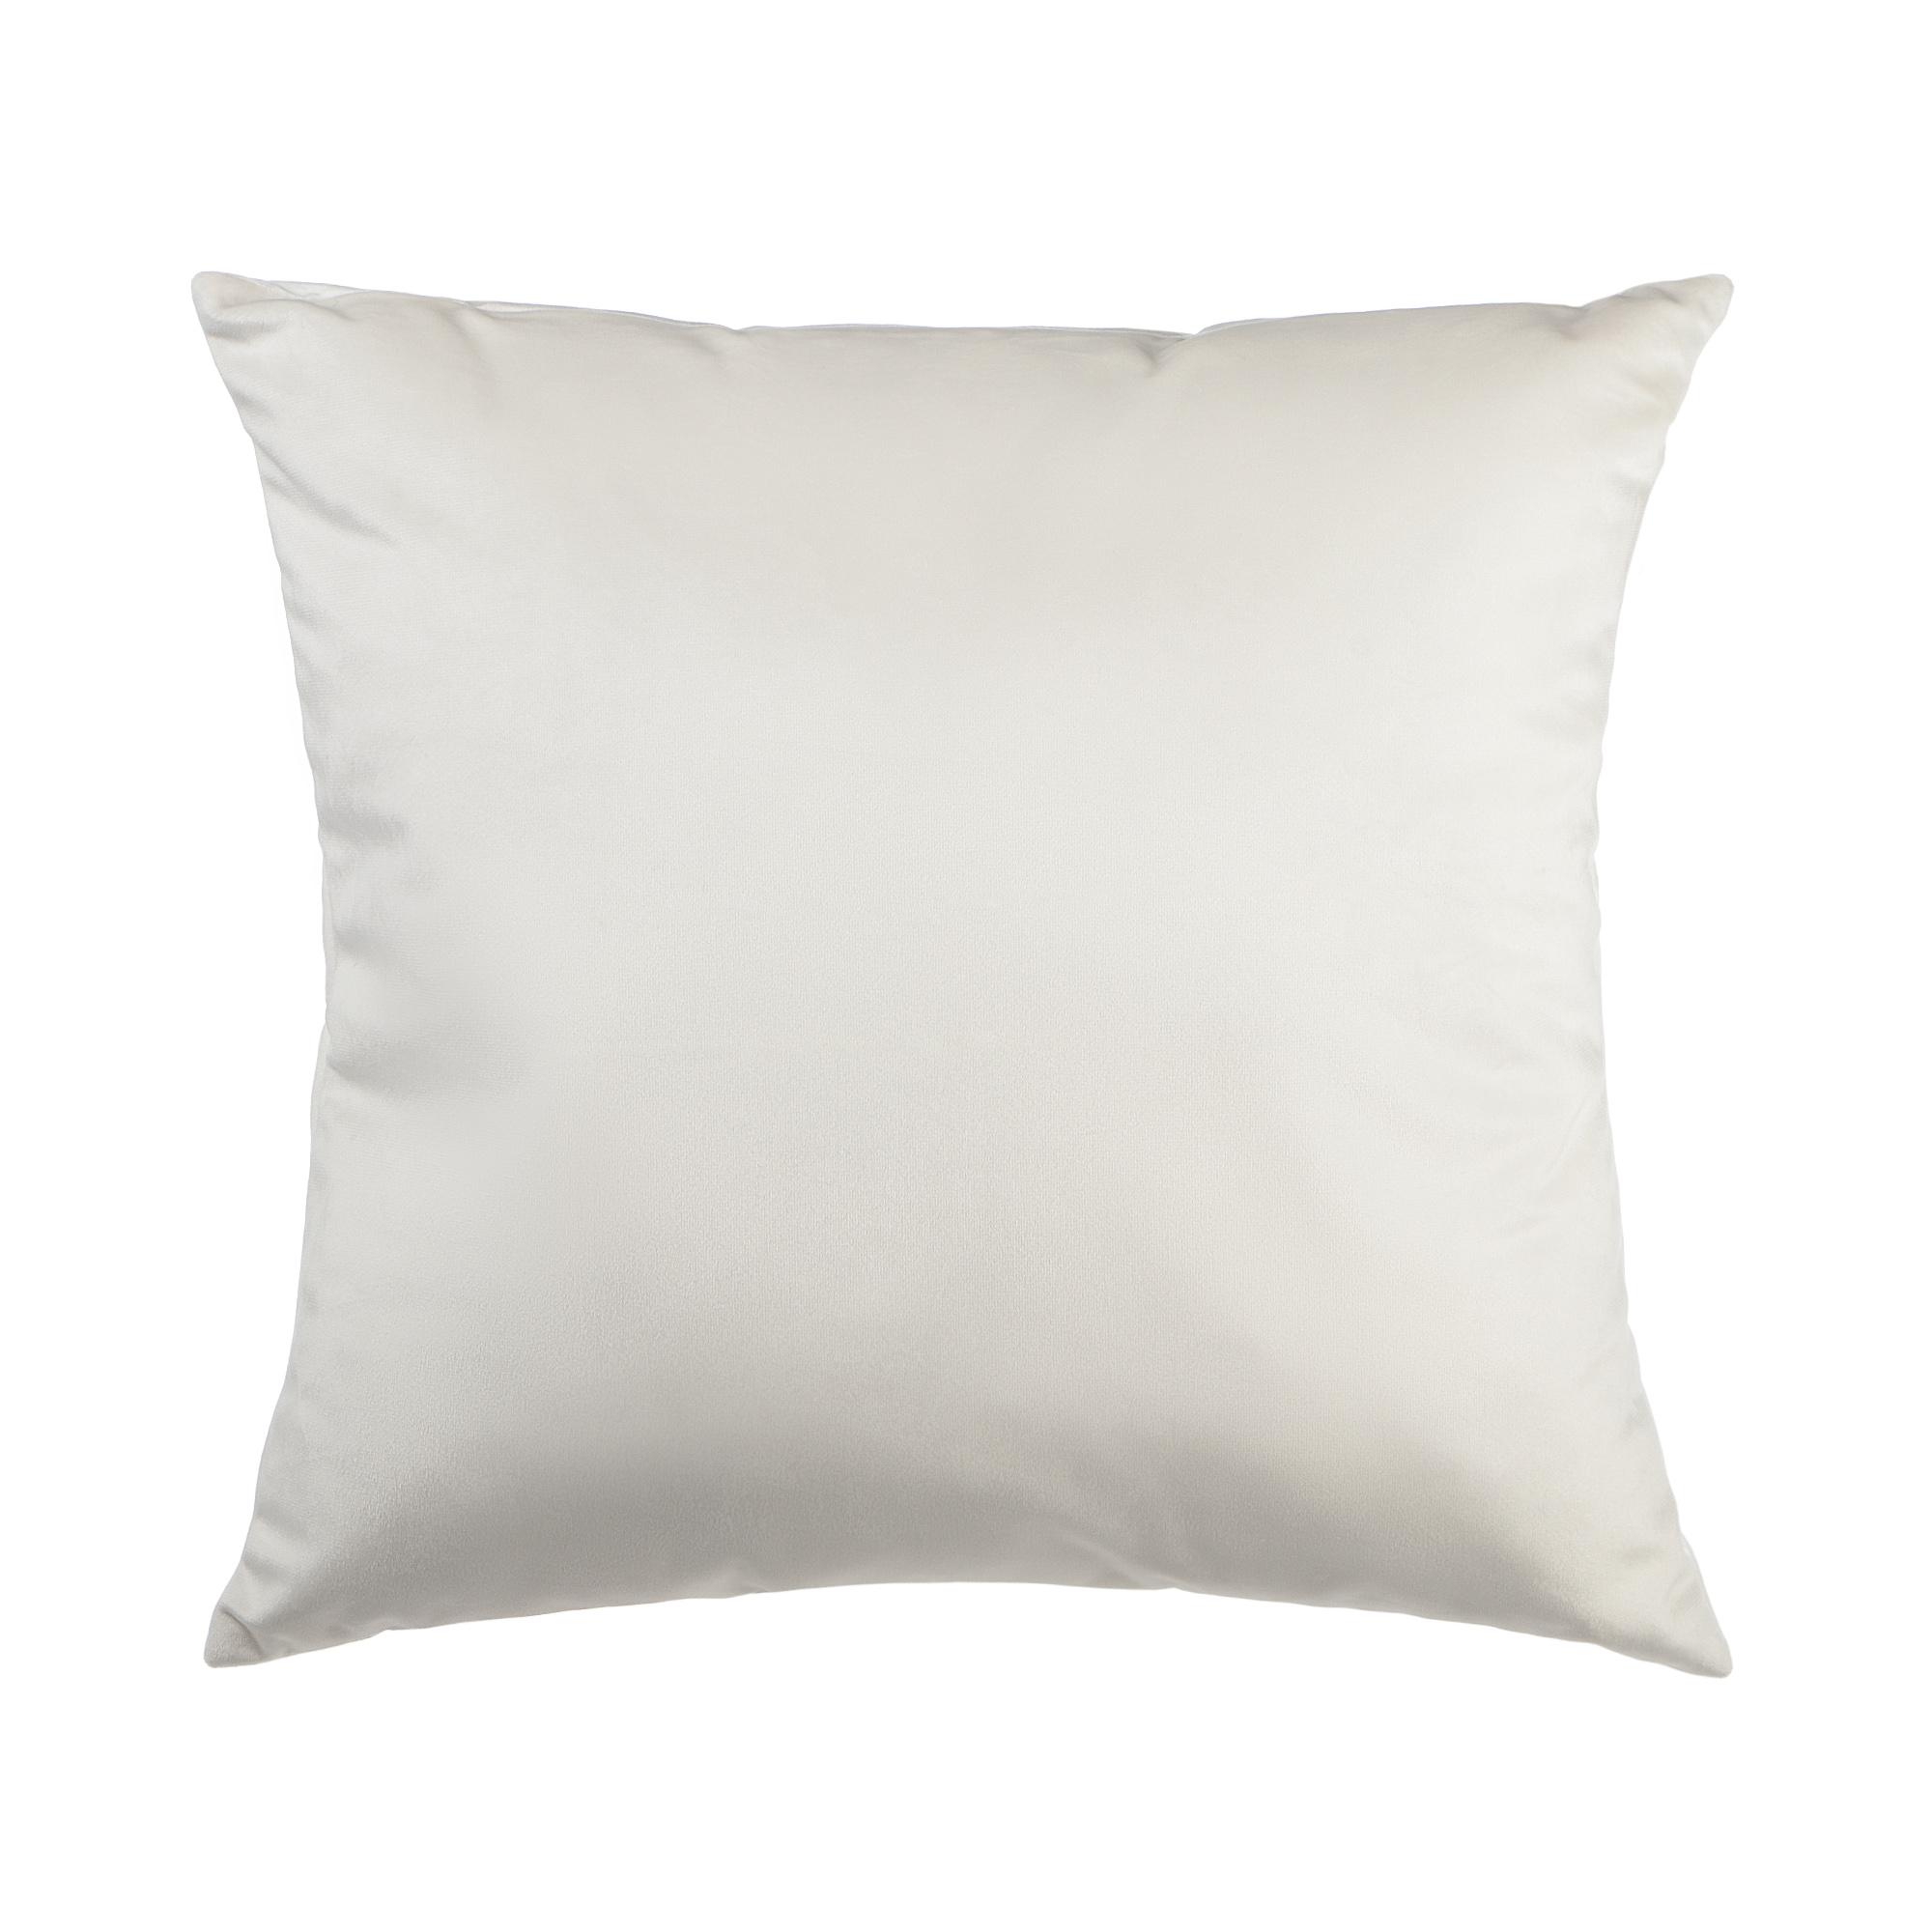 Декоративная подушка Sanpa Софи молочная 40х40 см подушка декоративная коллекция а6 камуфляж 40х40 см